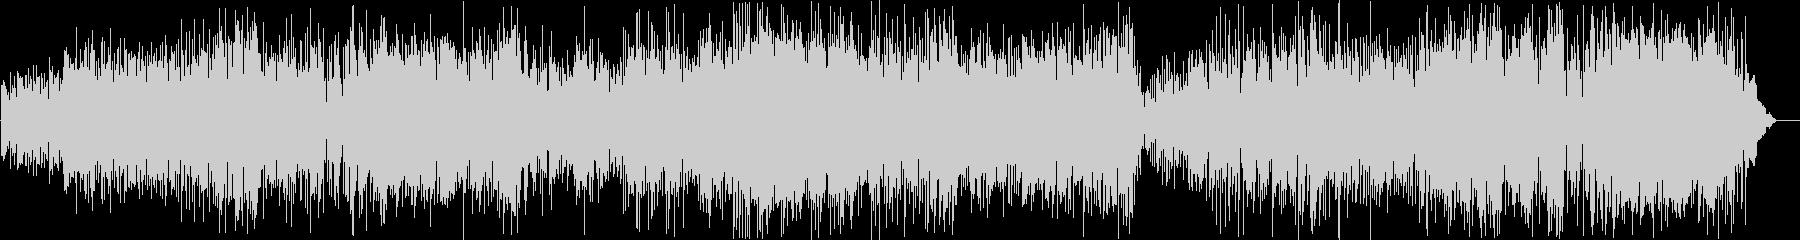 ジャズインスト洗練された複雑なメト...の未再生の波形